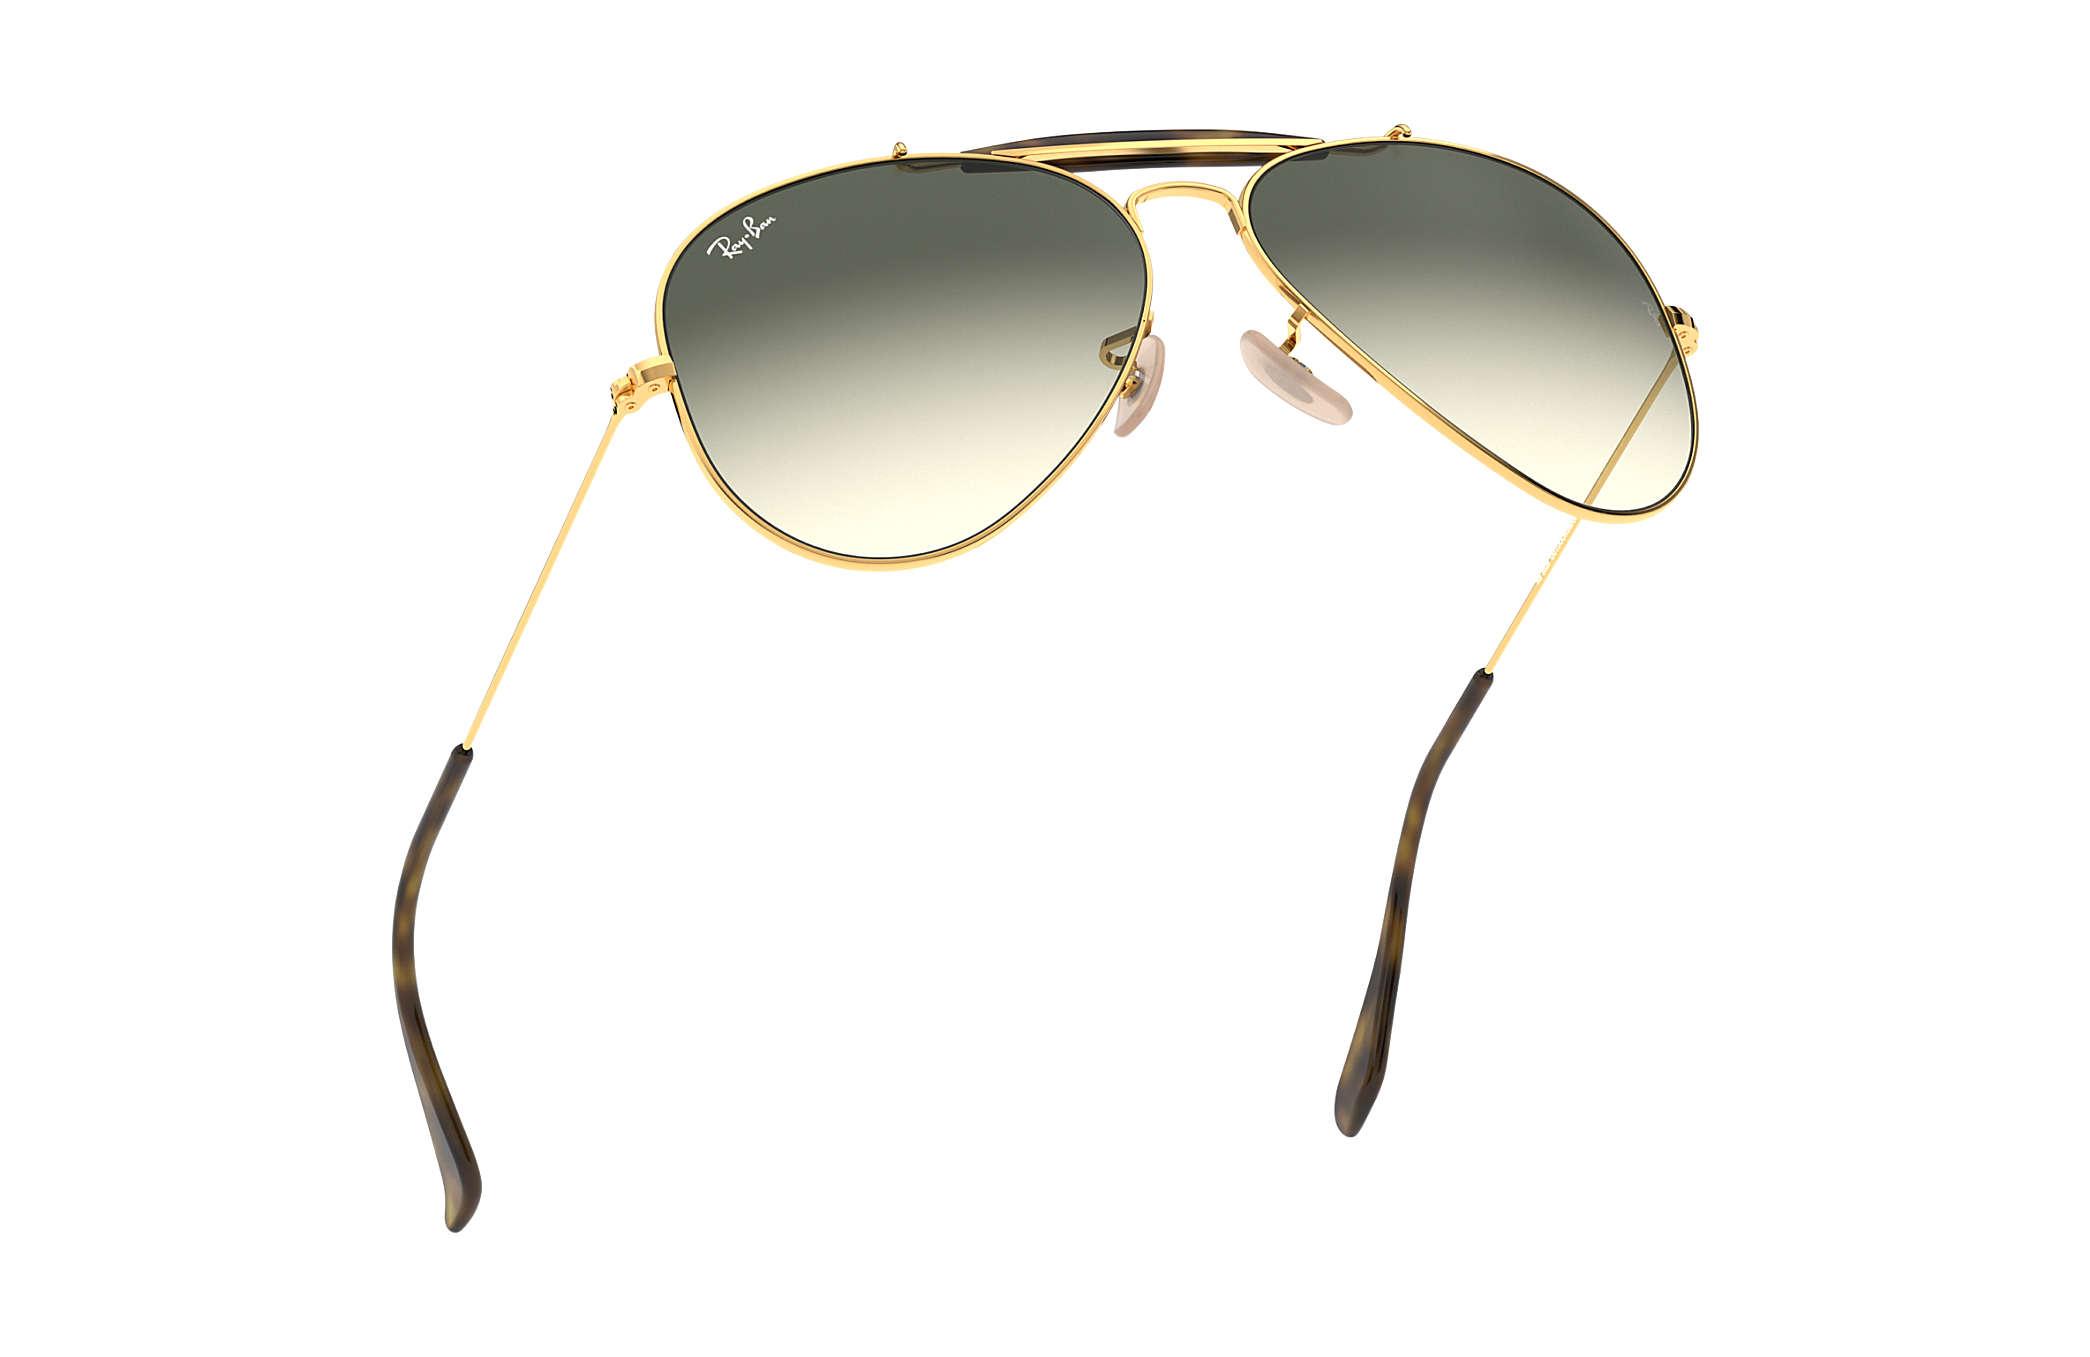 5383e416a8 Ray-Ban Outdoorsman Havana Collection RB3029 Gold - Metal - Grey ...